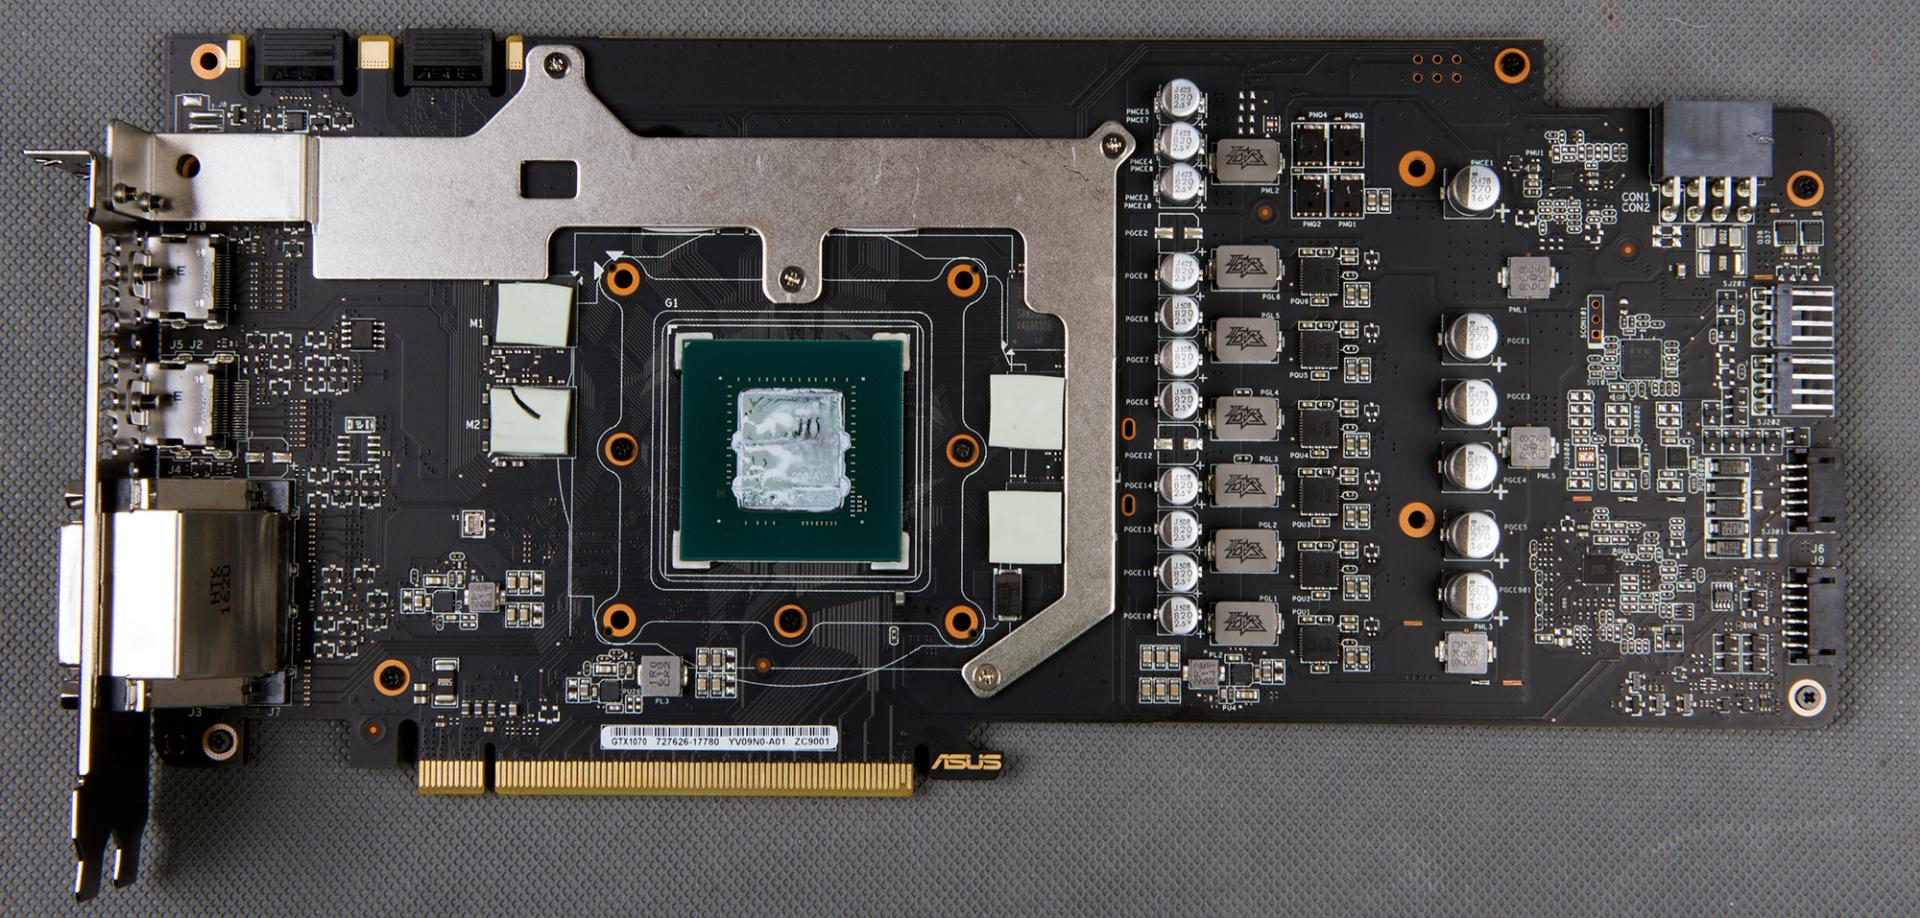 Asus Strix GTX 1070 O8G: Создана для 2К разрешения - Изображение 9